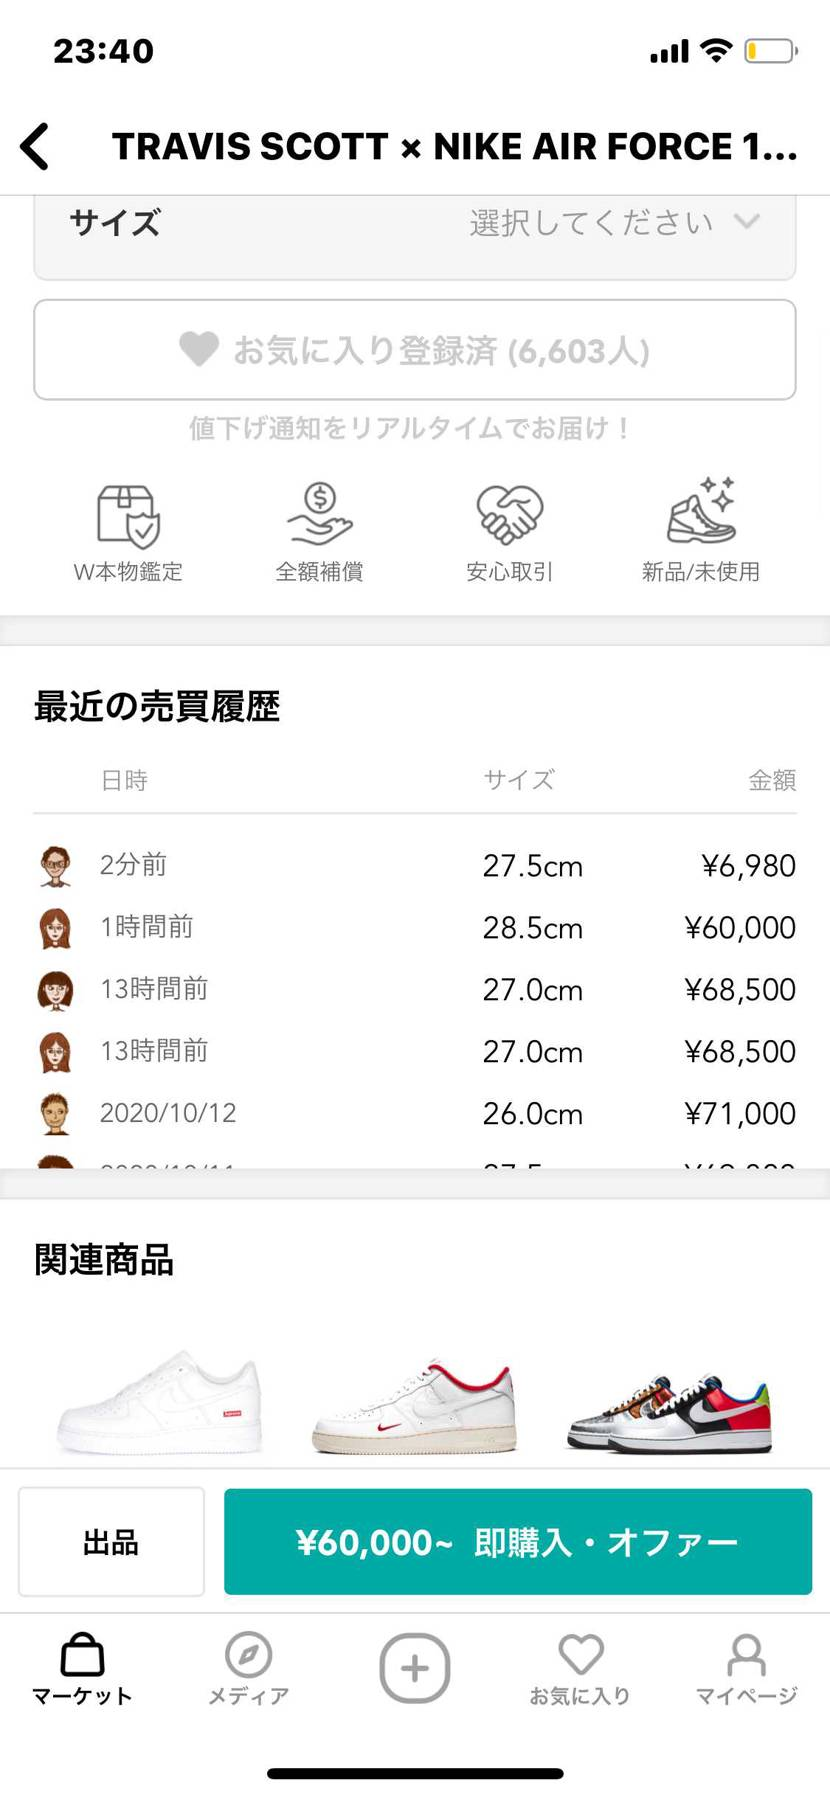 トラヴィスのエアフォース27.5が6980円で出品されて購入されてるけど出品者の